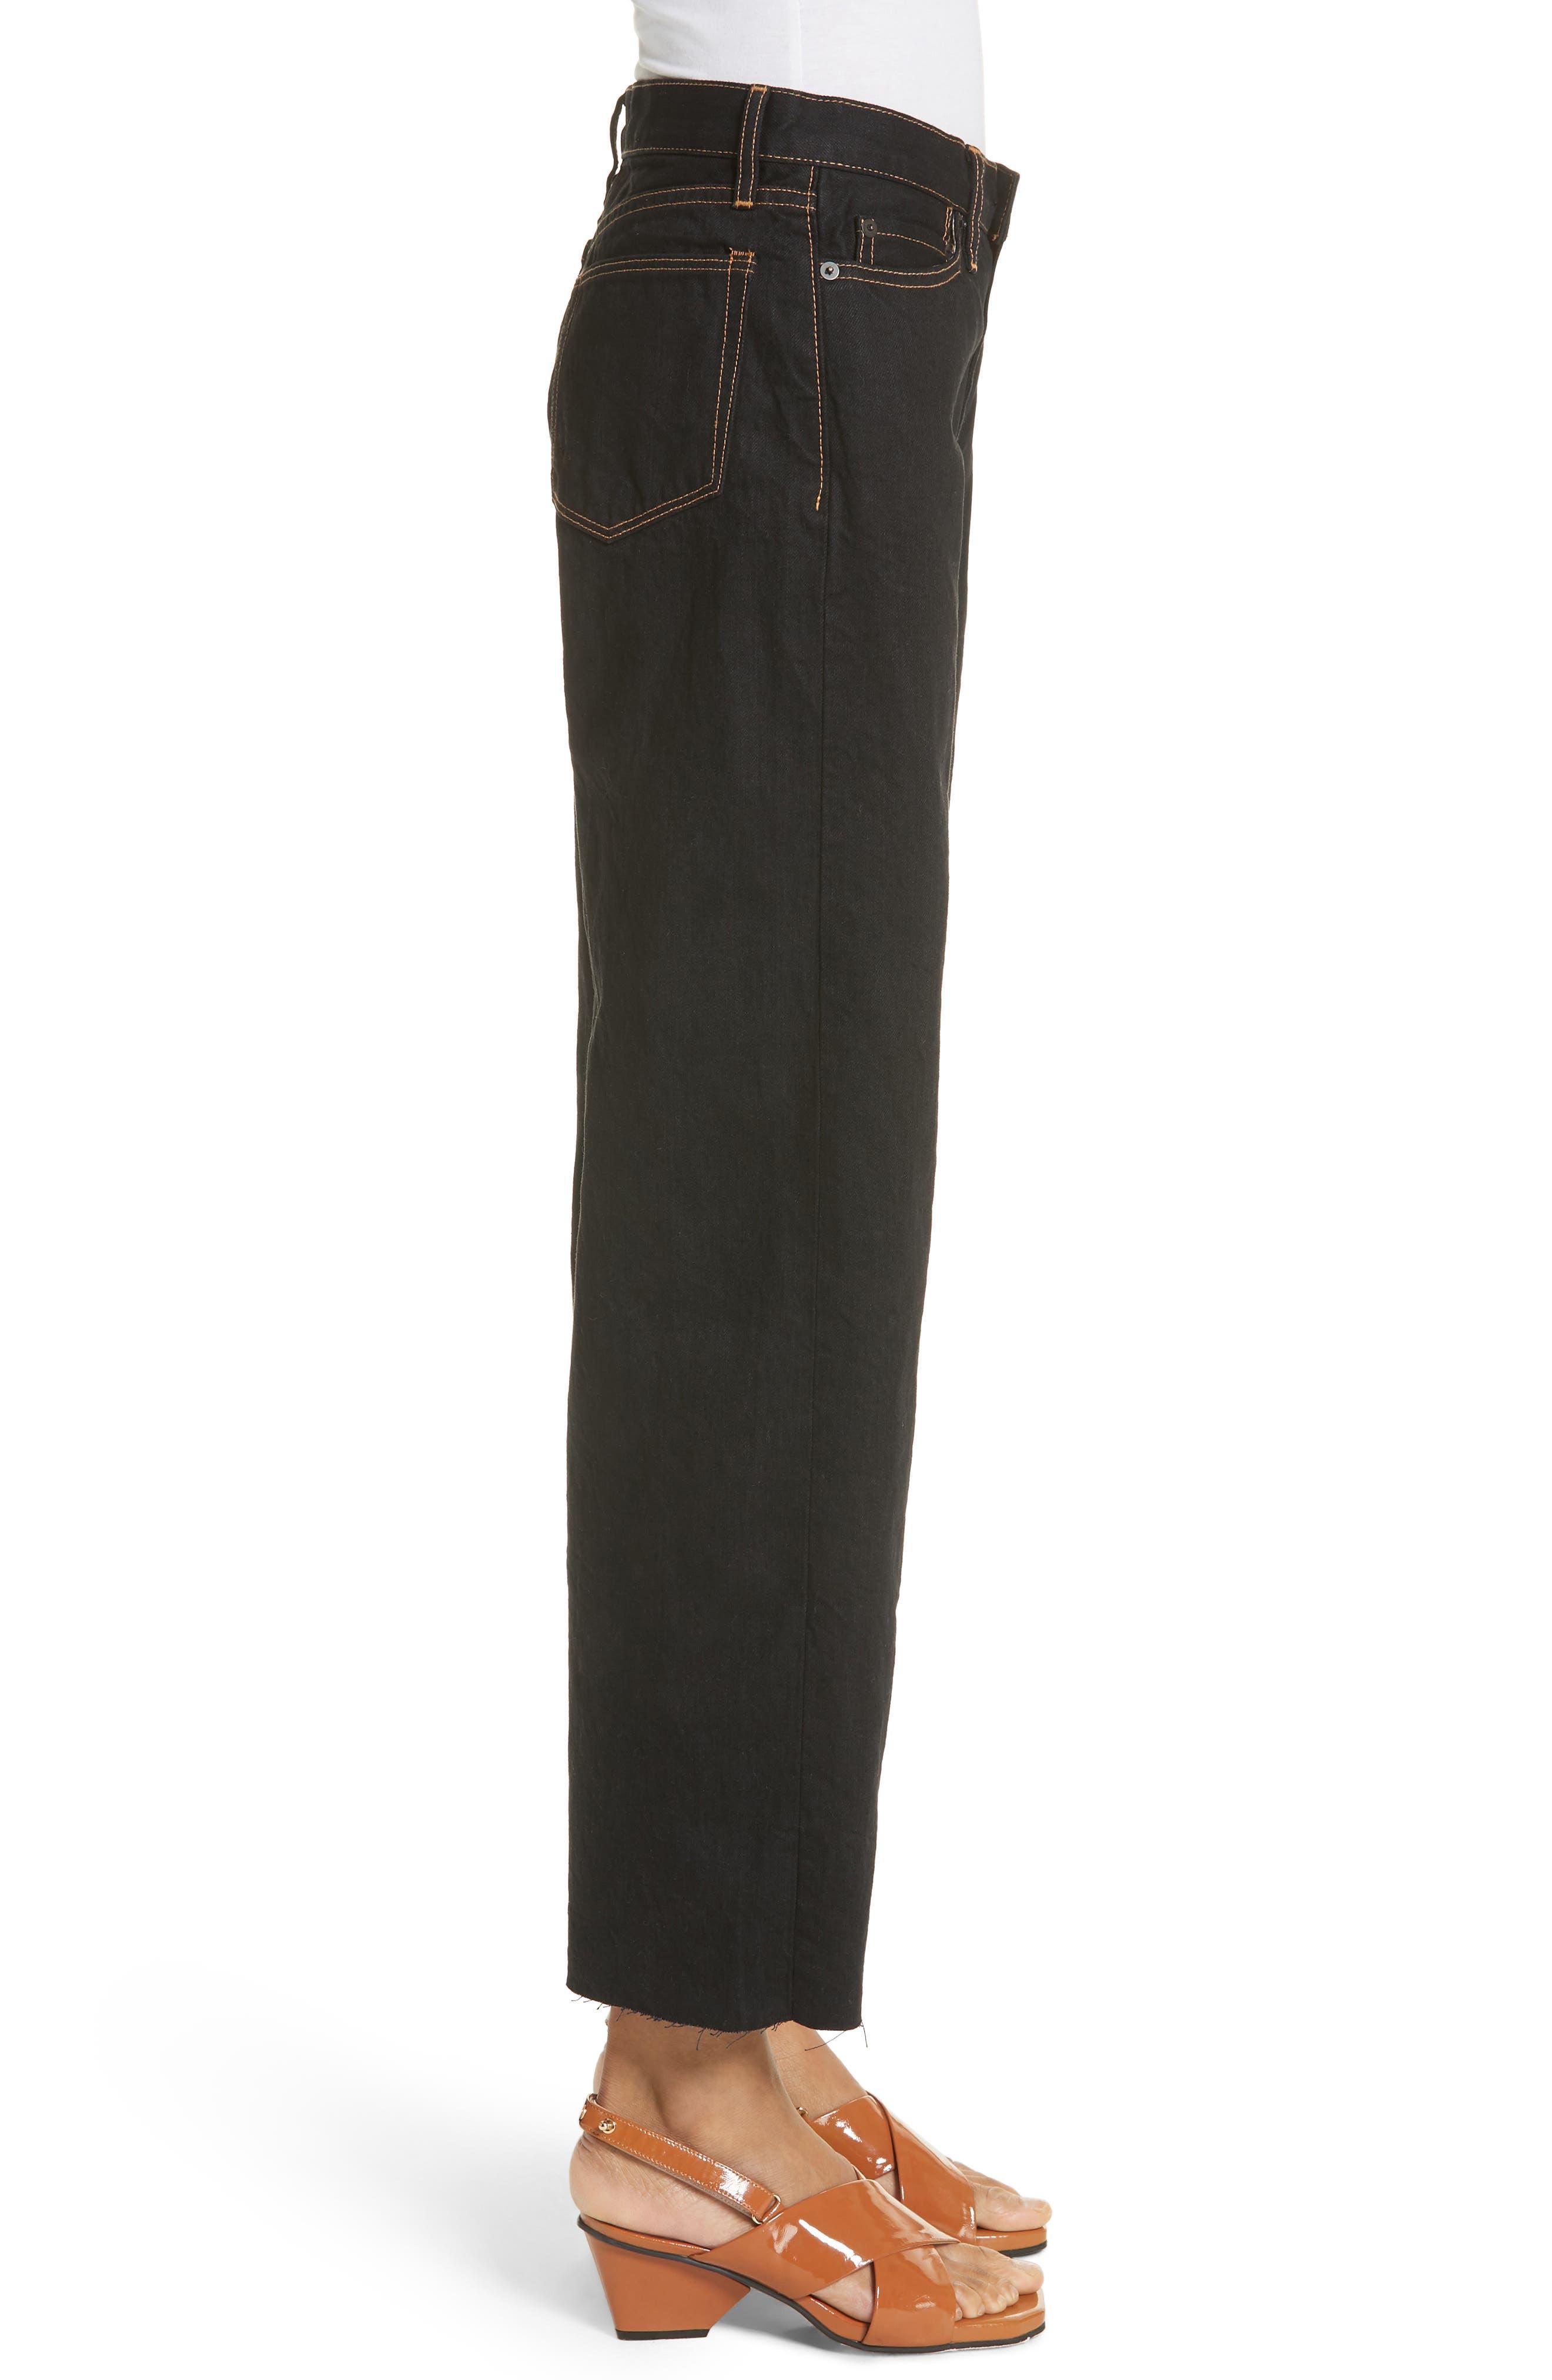 Dever Contrast Stitch Wide Leg Jeans,                             Alternate thumbnail 3, color,